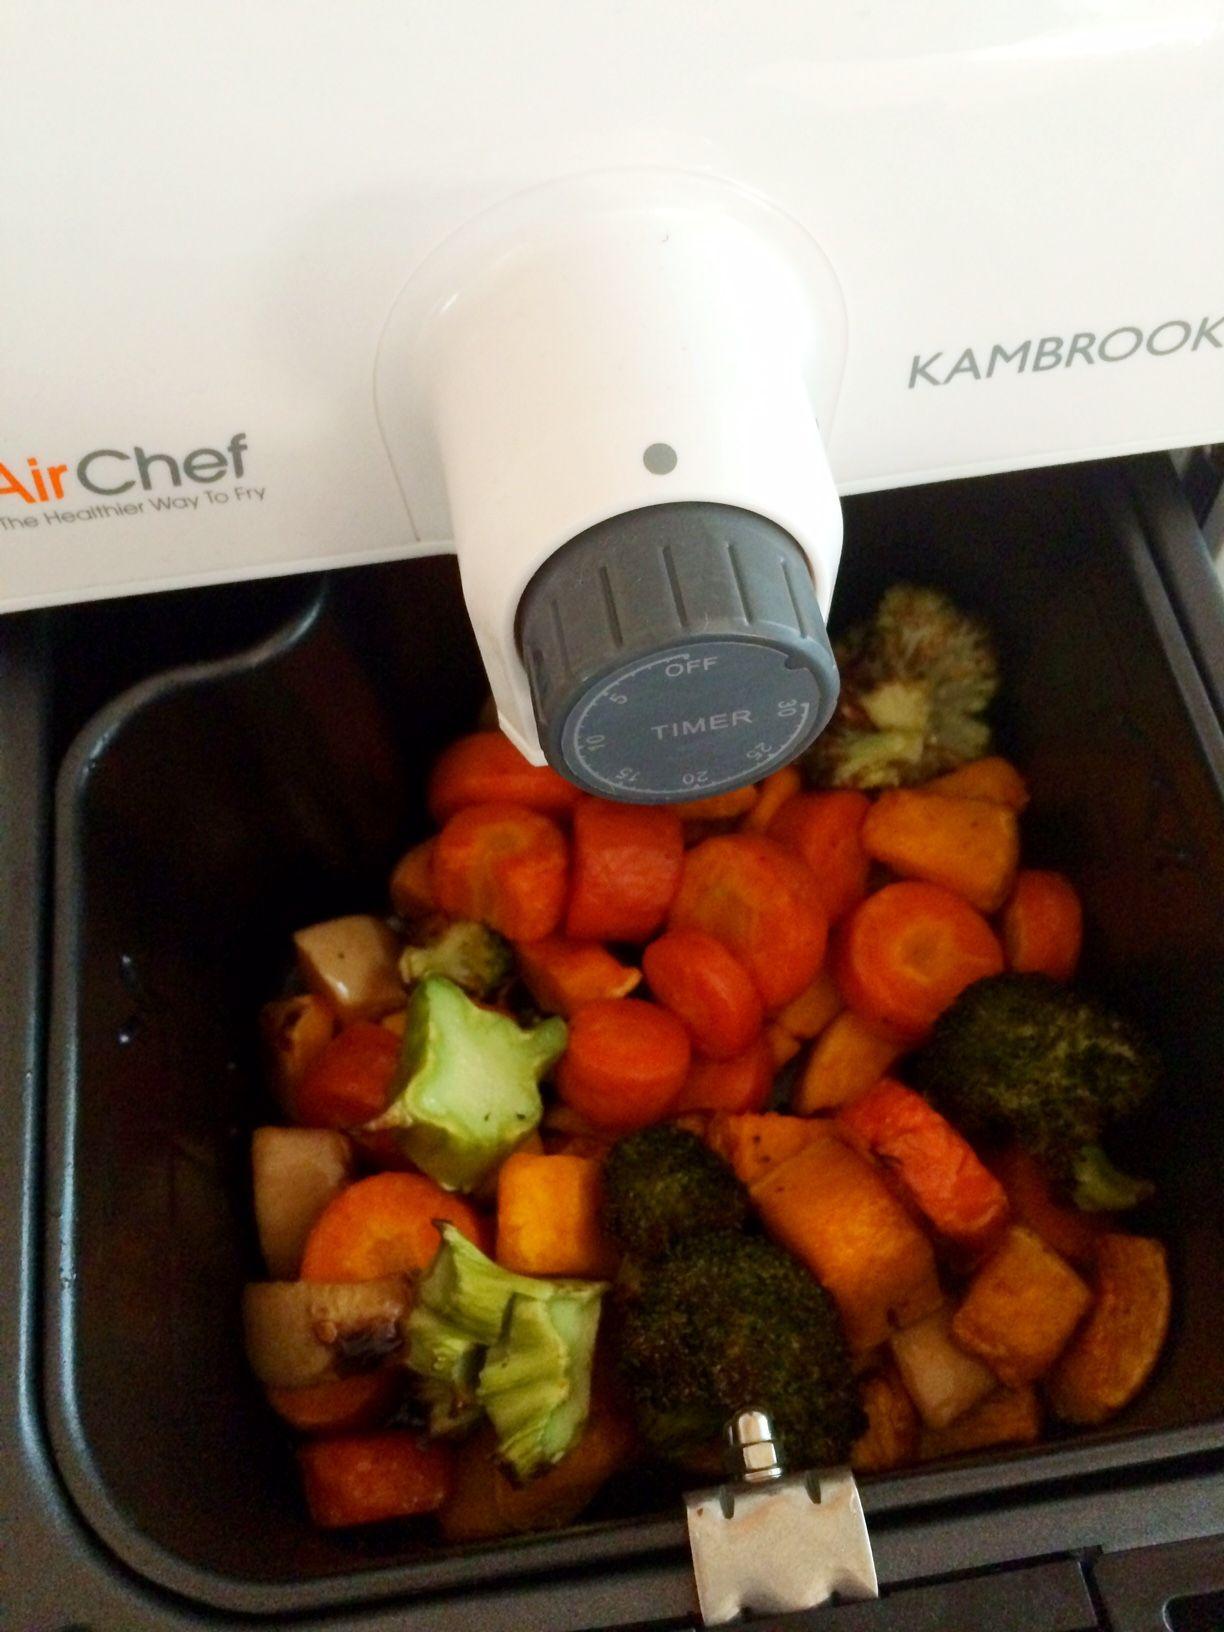 Air Chef Air Fryer O